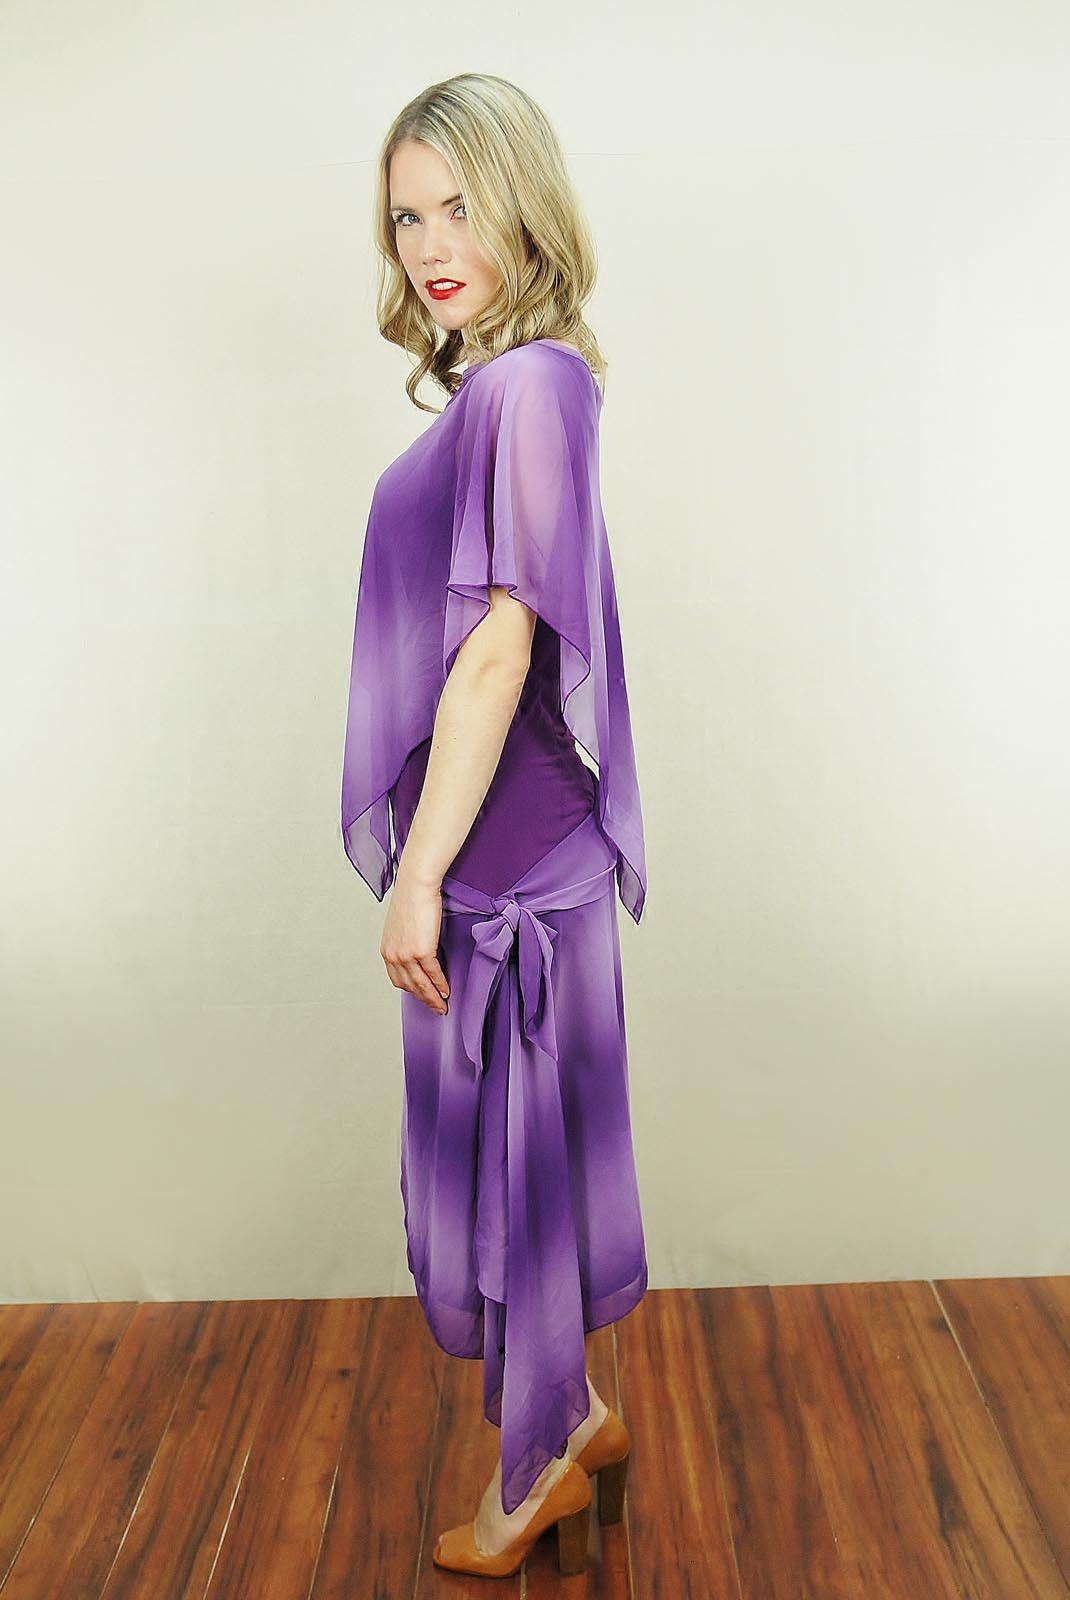 Vtg s purple lavender tiedye draped chiffon cape boho asymetric